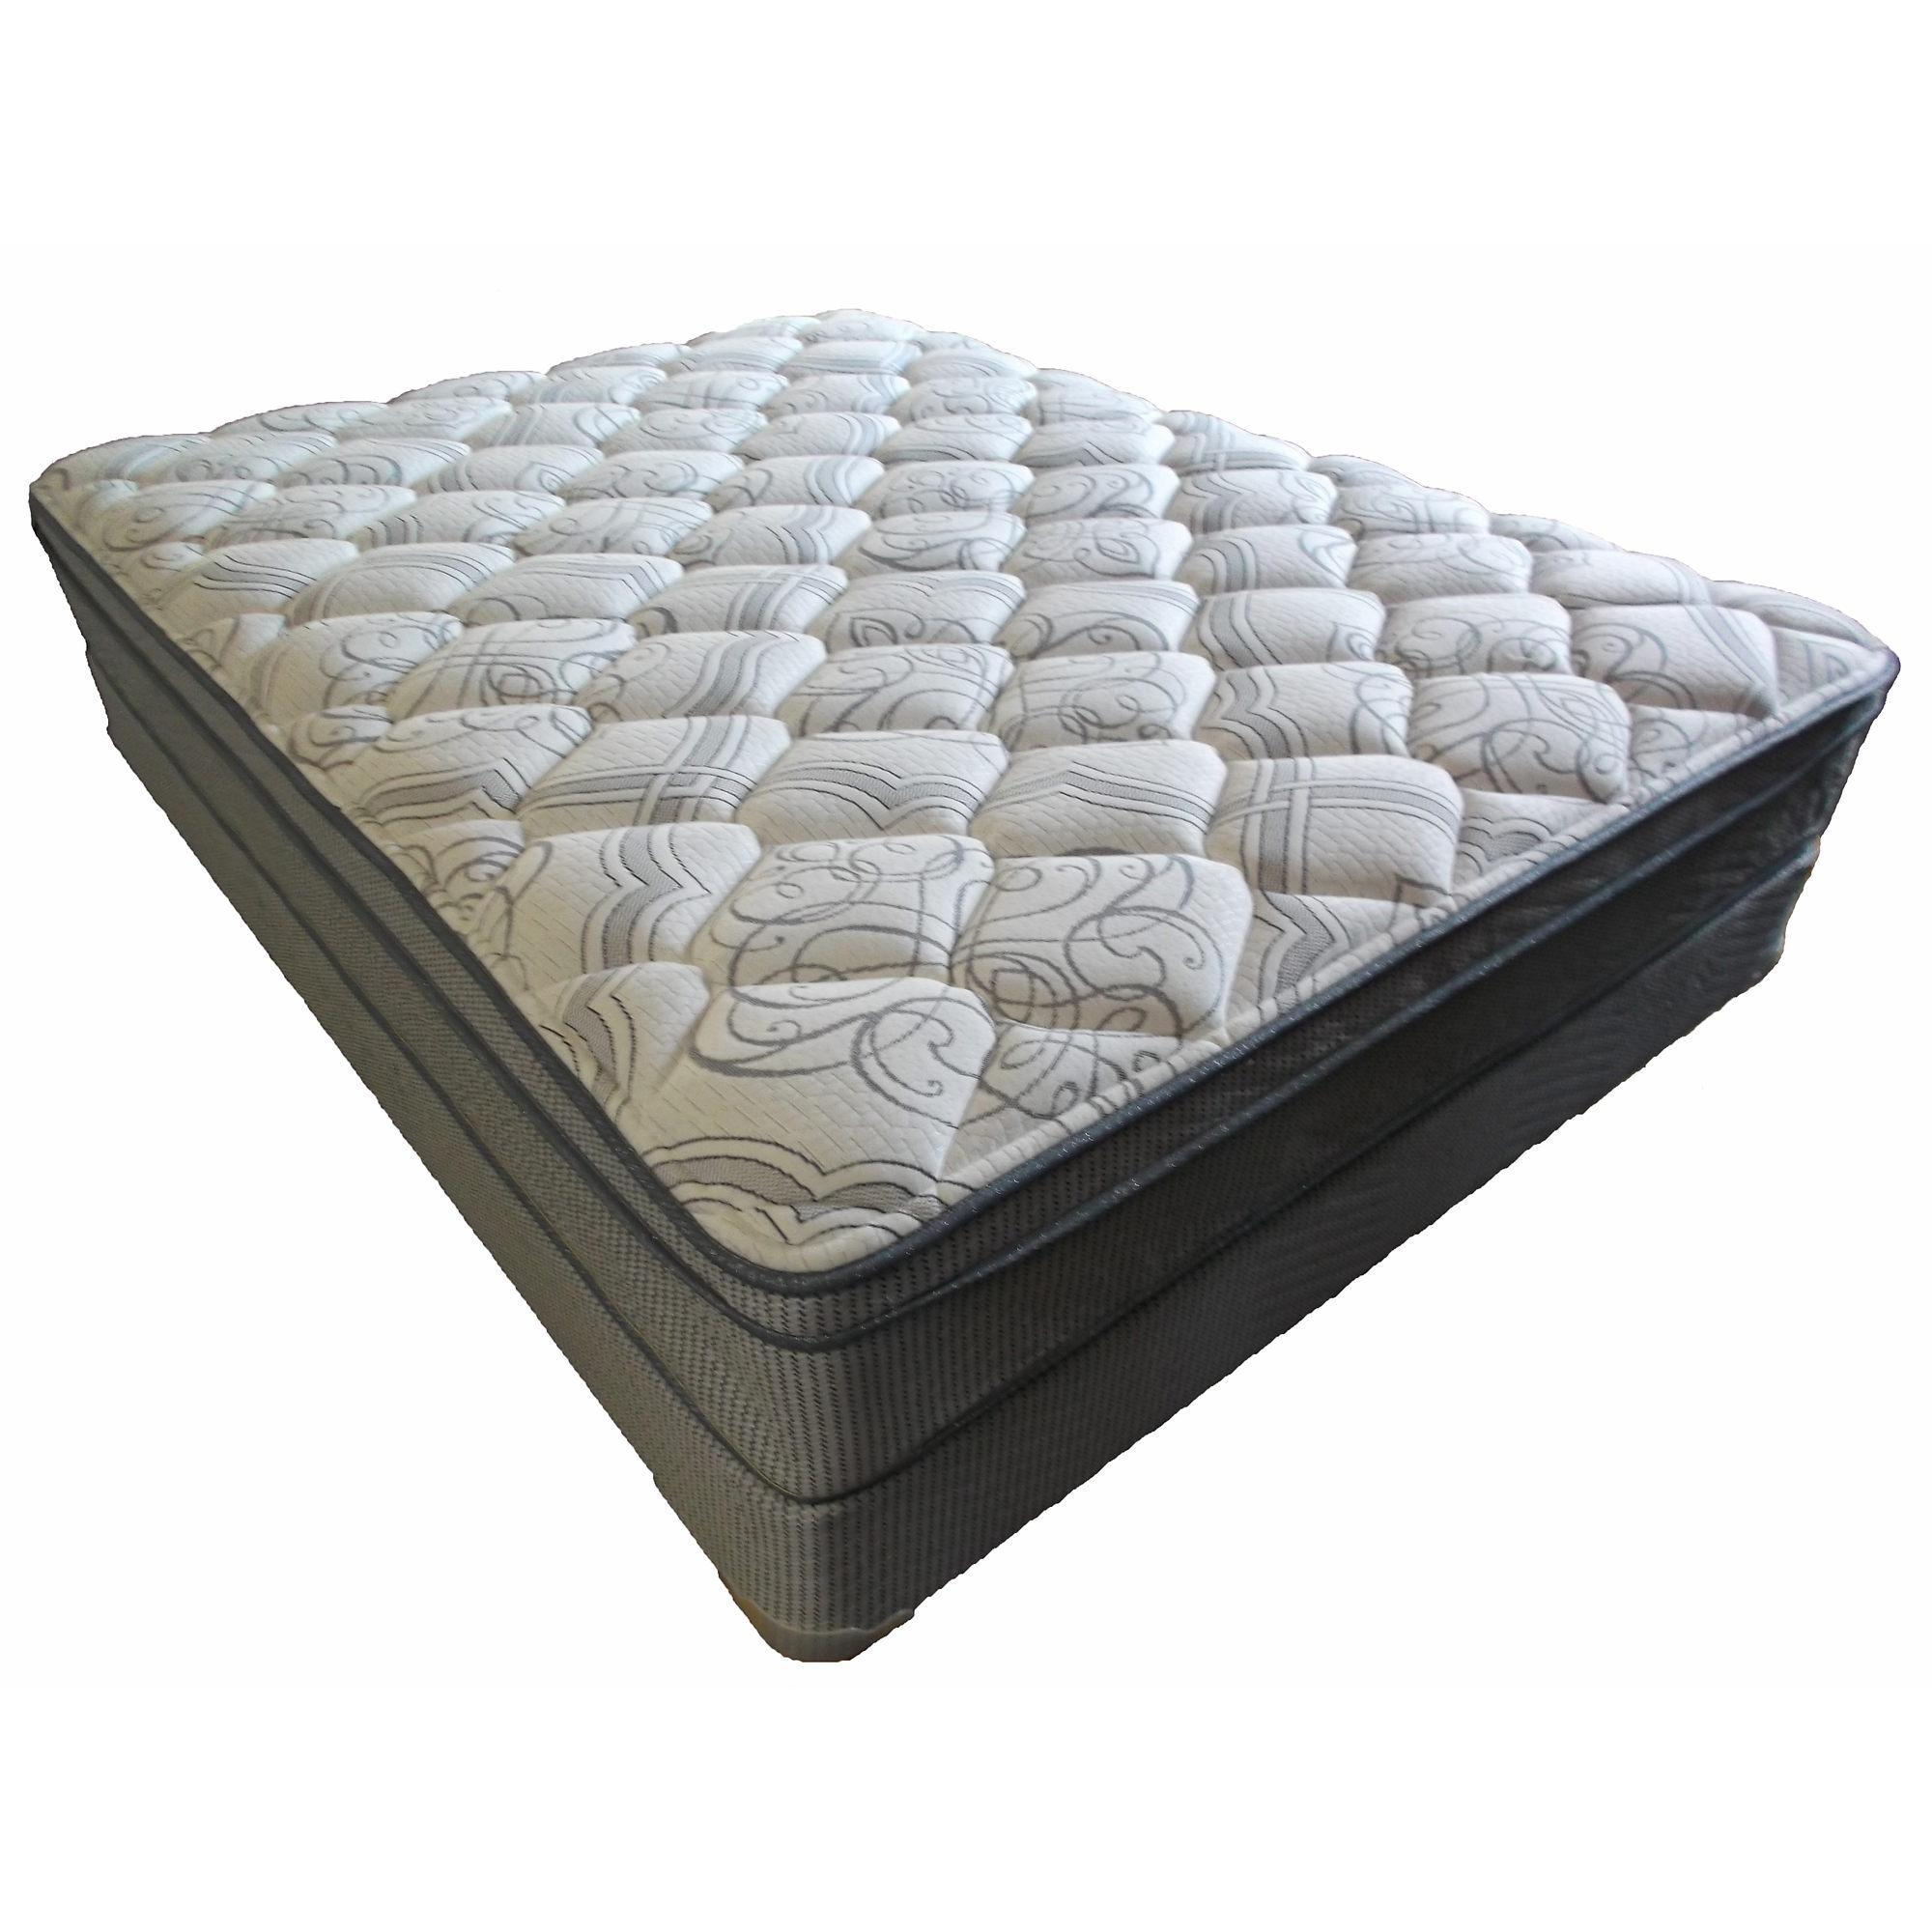 mattresses sofa sets klaussner furniture sleeper 20 ideas of queen mattress